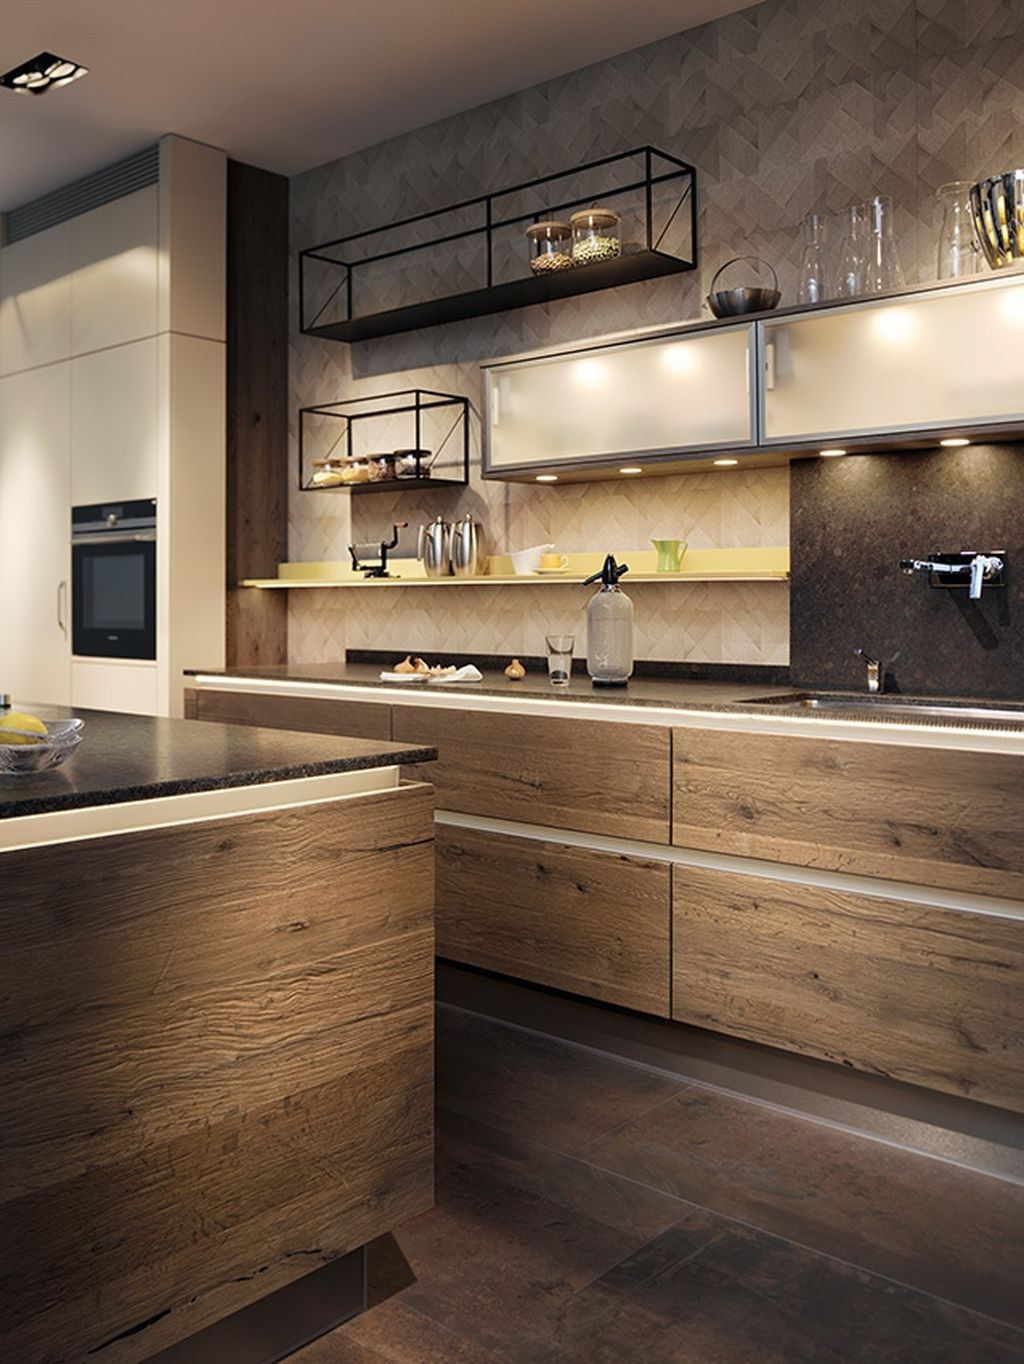 Stylish Industrial Kitchen Design Ideas 35jpg 10241364 Stylish Industrial Kitchen Design Ideas 35jpg 10241364 Kitchen